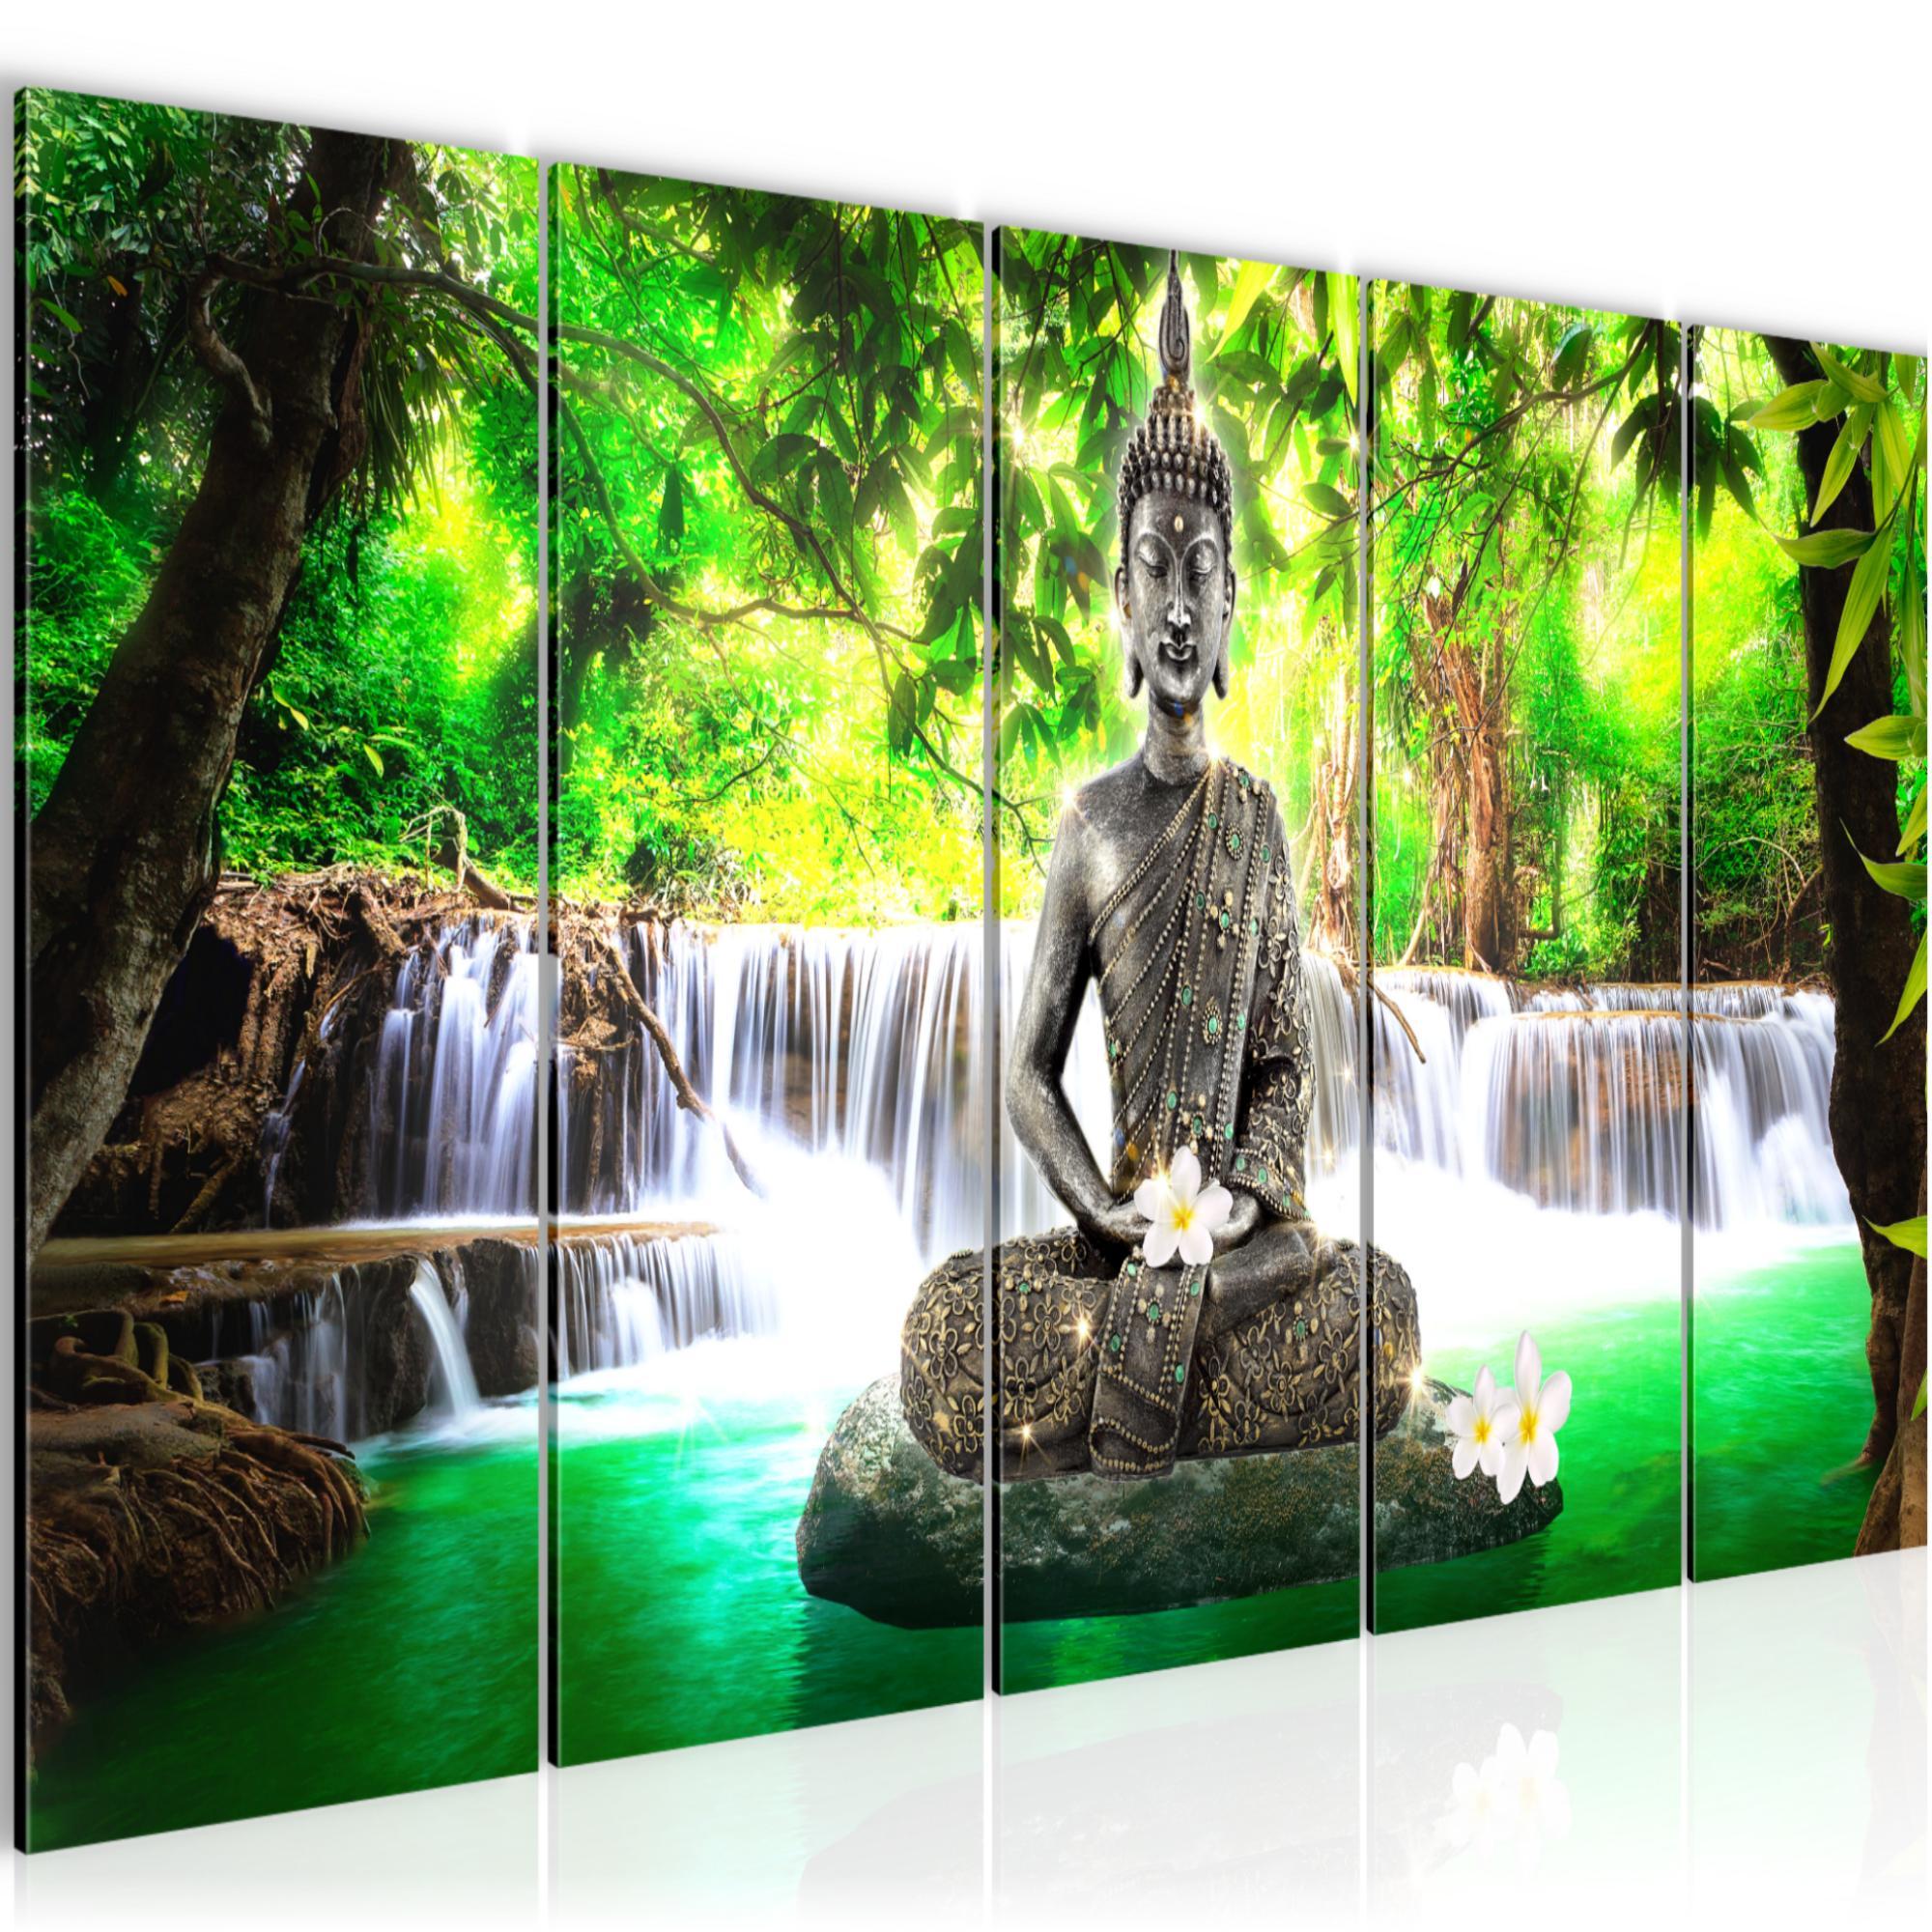 buddha wasserfall bild kunstdruck auf vlies leinwand xxl dekoration 503555p. Black Bedroom Furniture Sets. Home Design Ideas